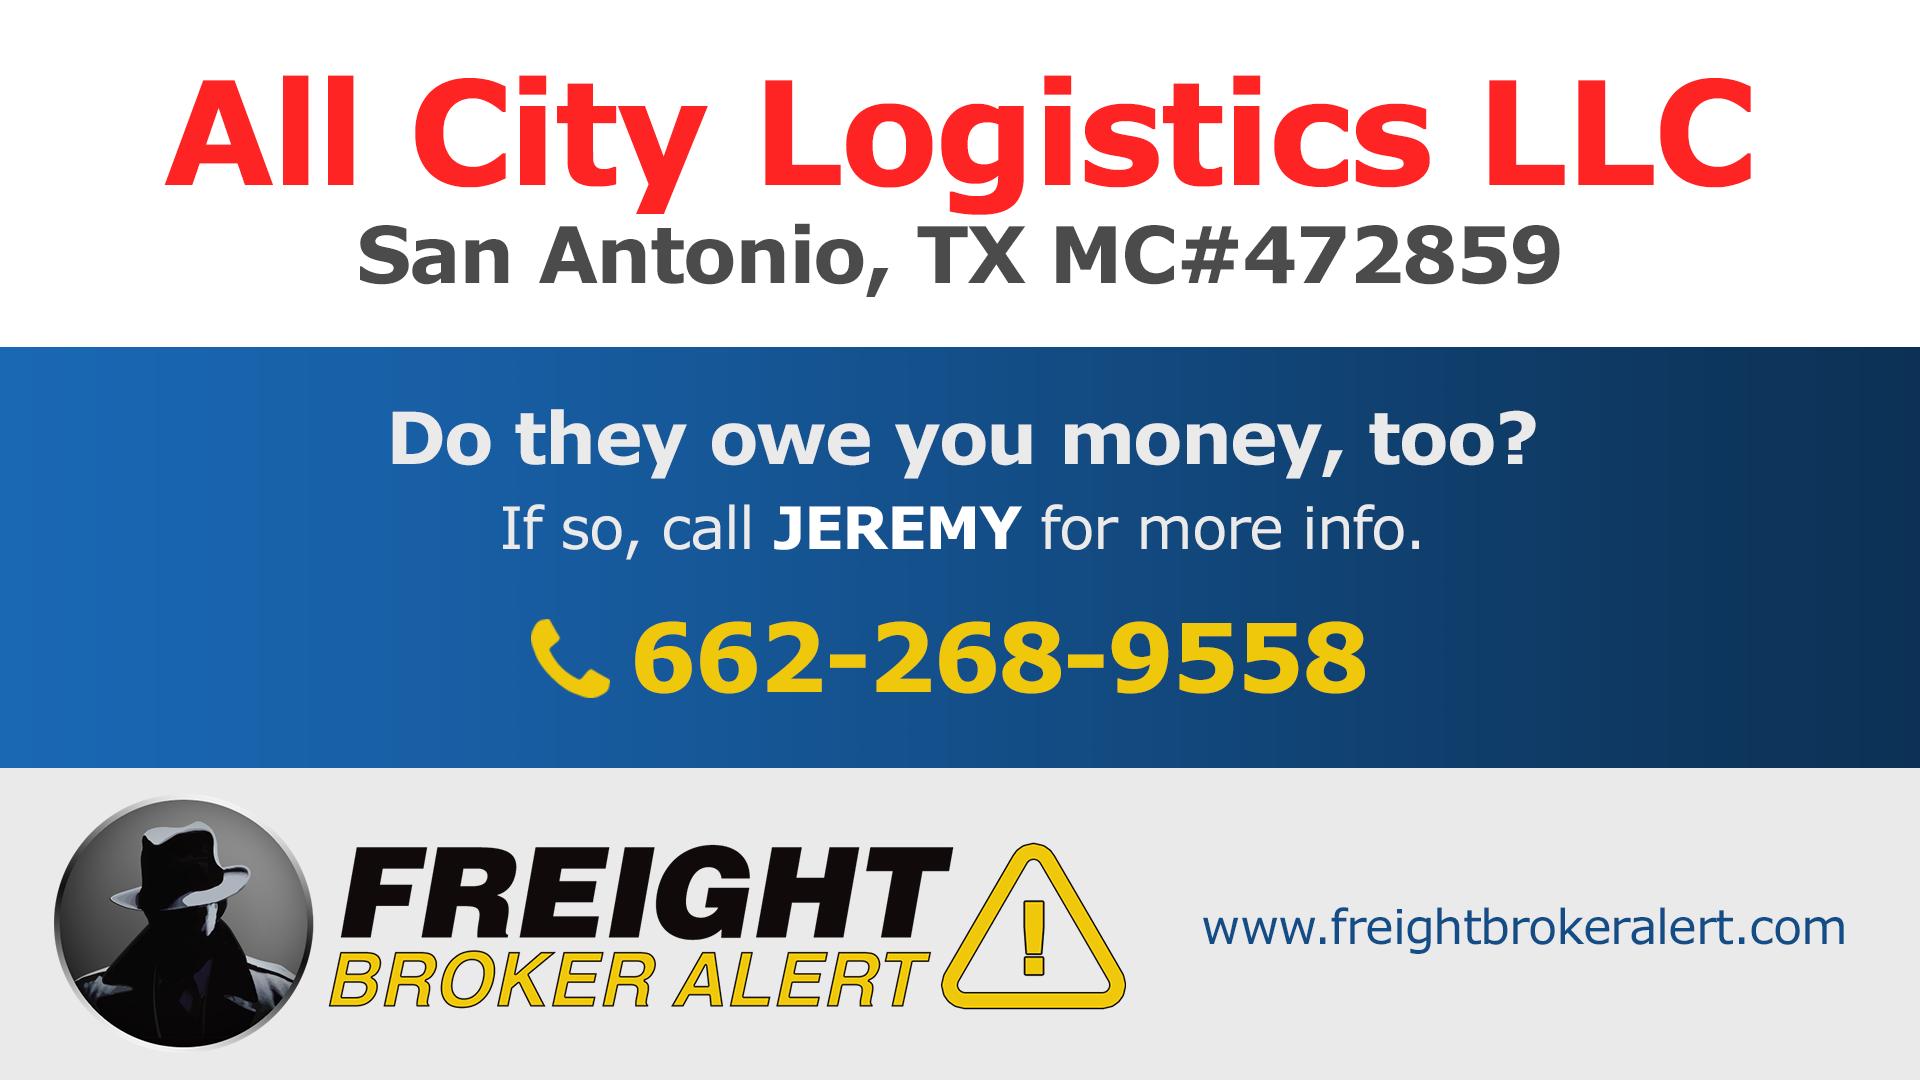 All City Logistics LLC Texas